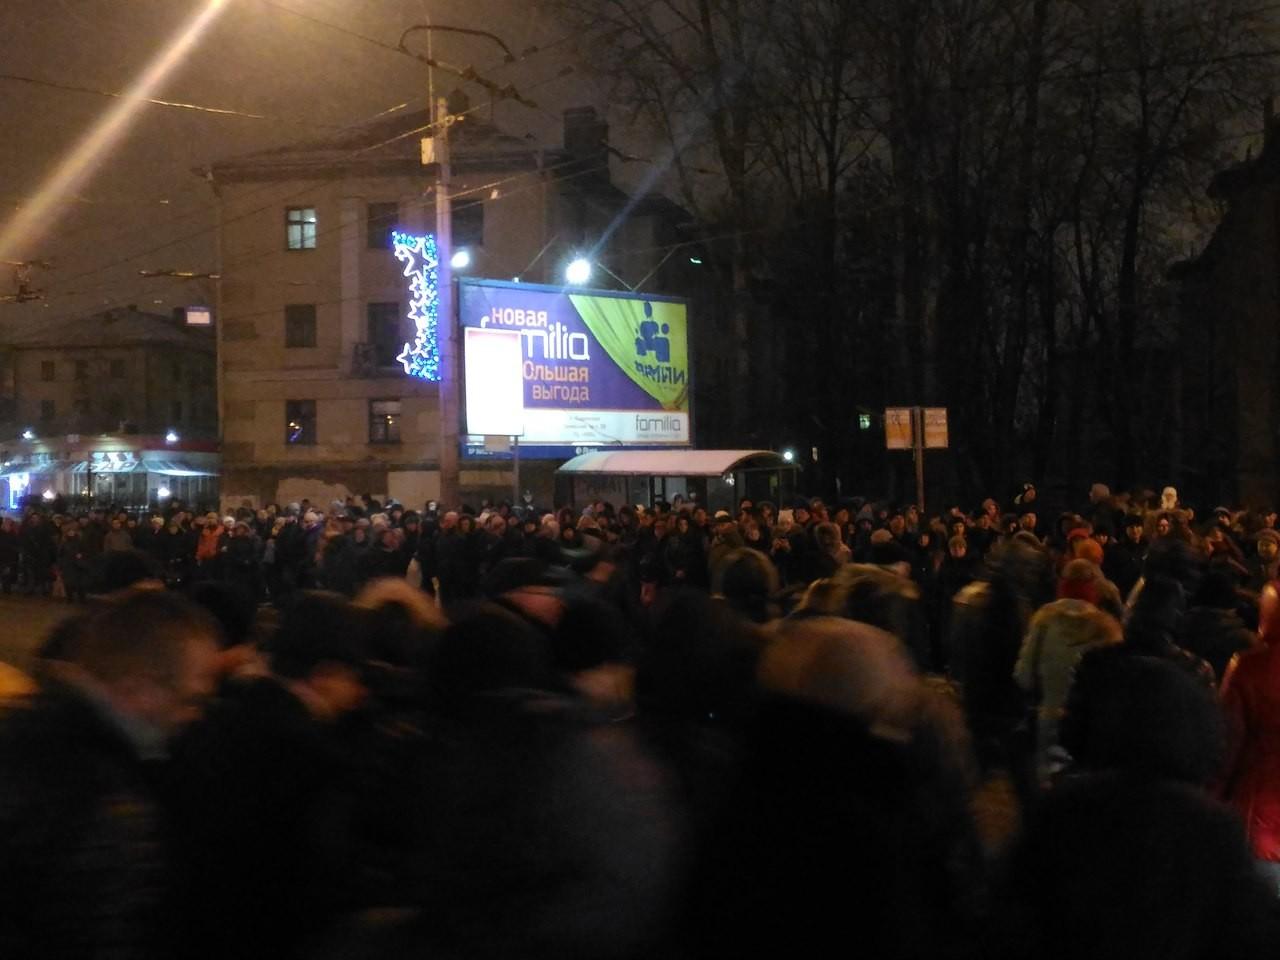 Вметро Петербурга пассажир упал нарельсы и умер  — свидетели